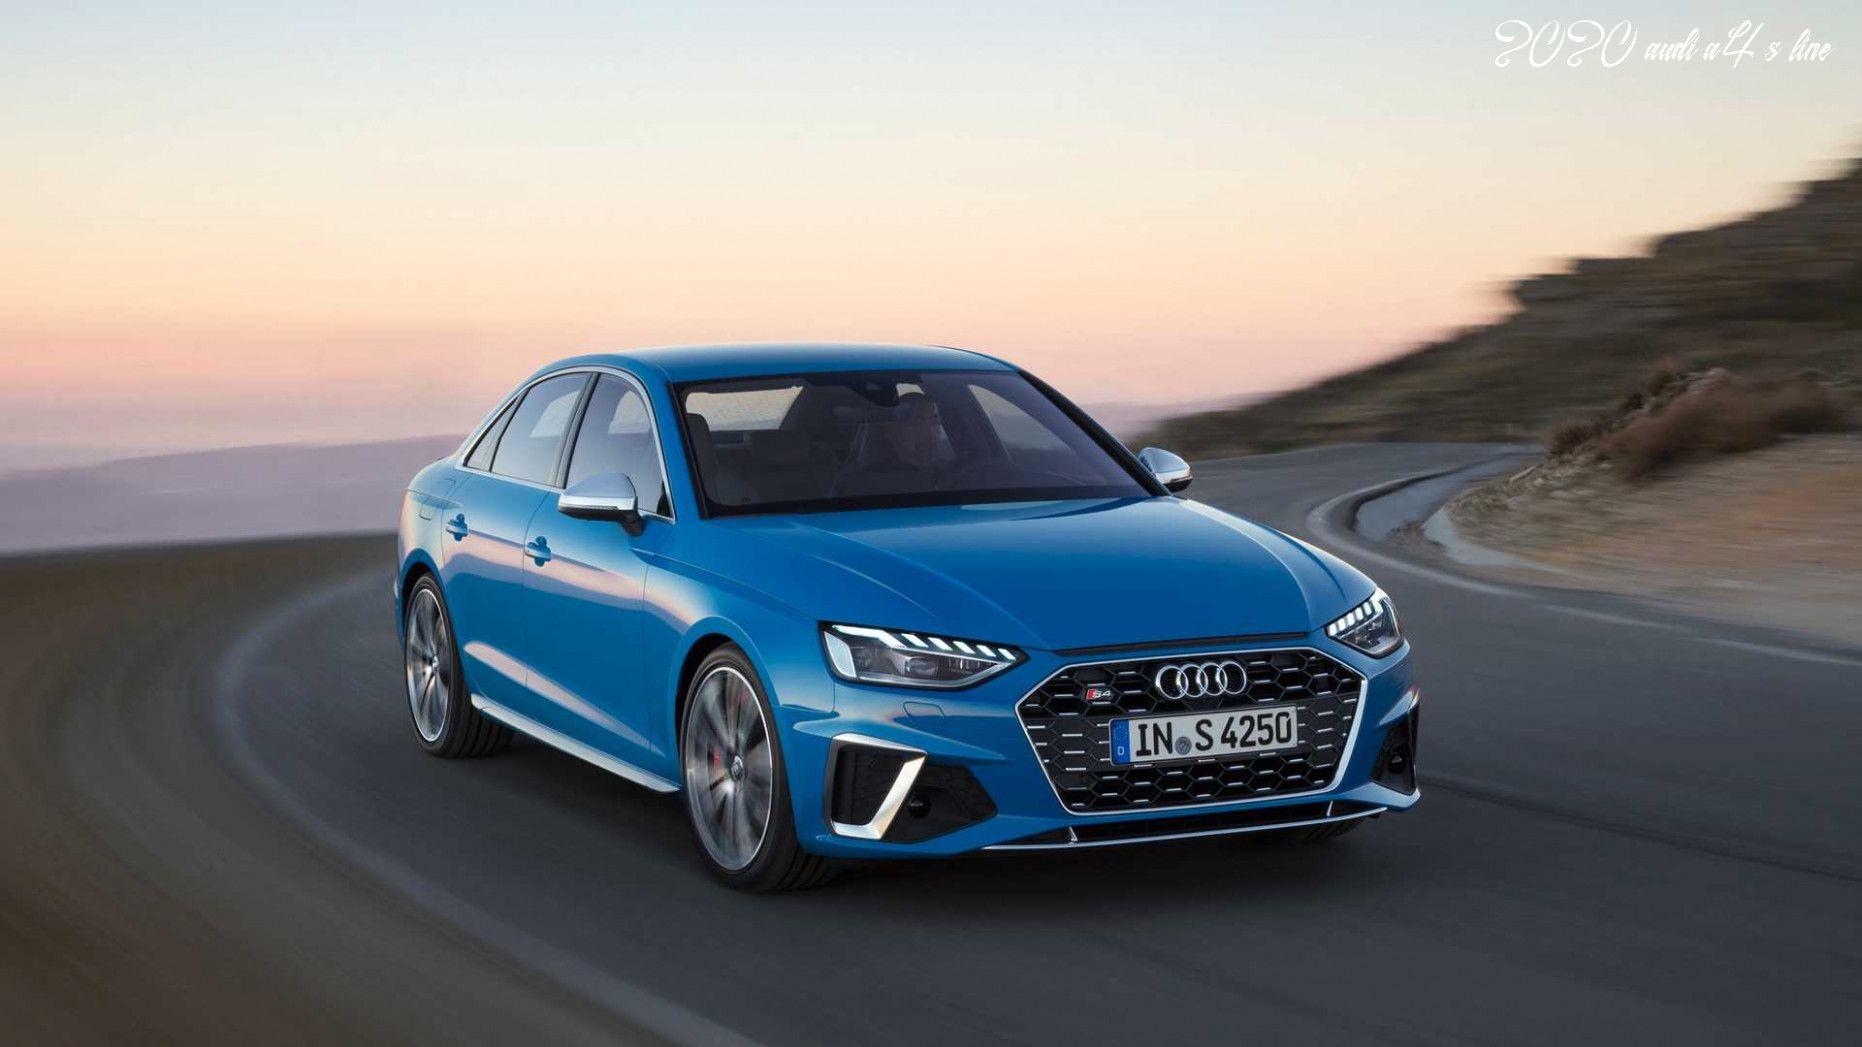 Audi S7 Sportback TDI 2020 Une sensation d'espace et de